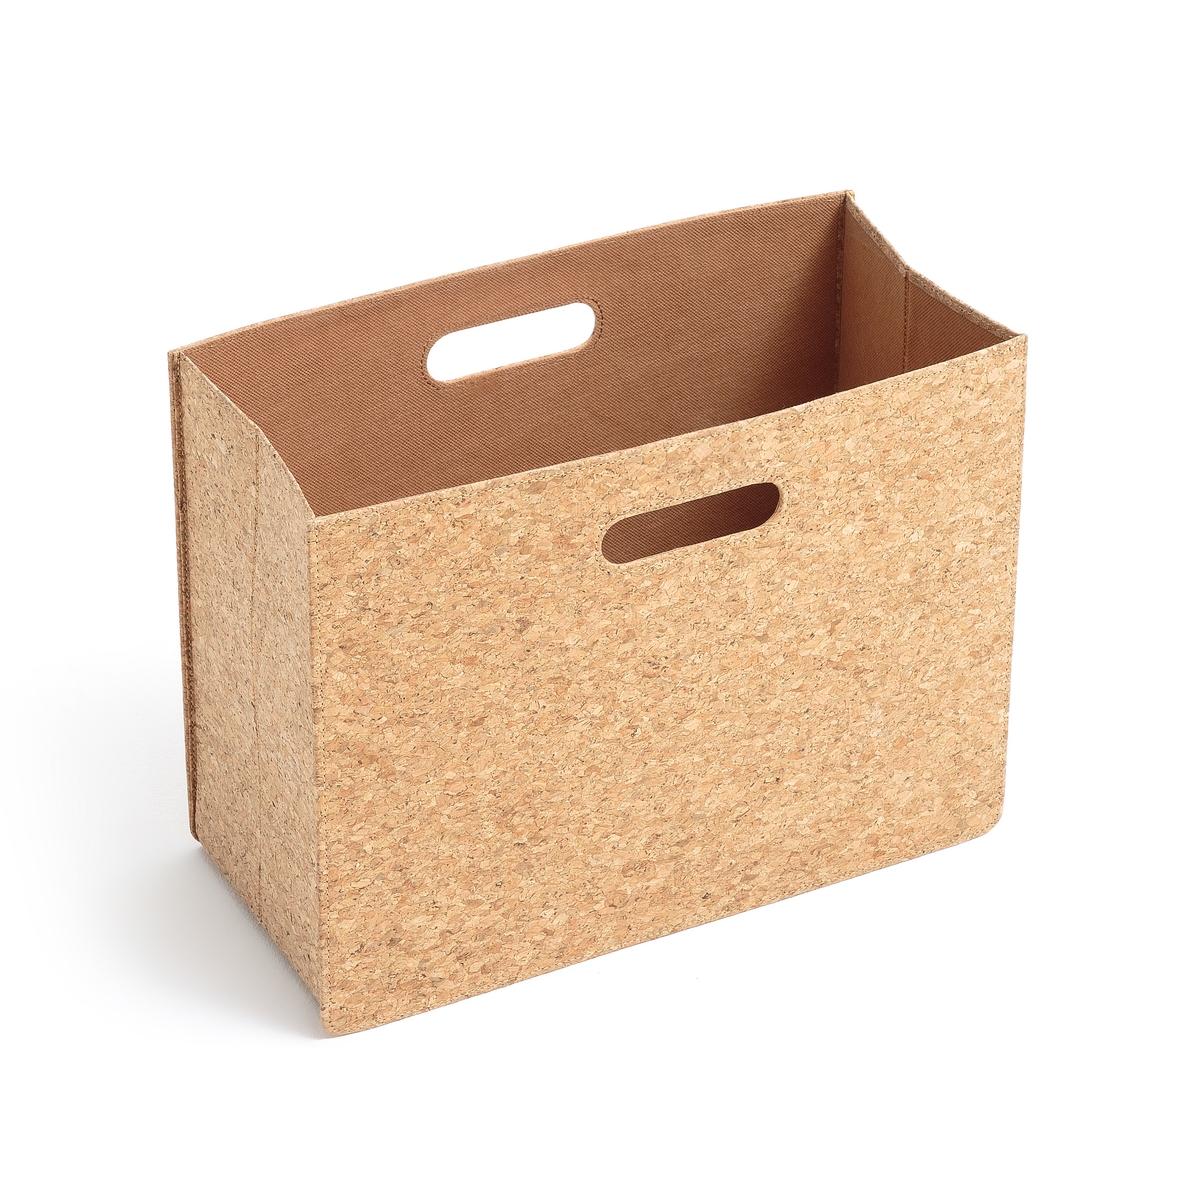 Коробка для журналов из пробки звукопоглощающие обои из пробки